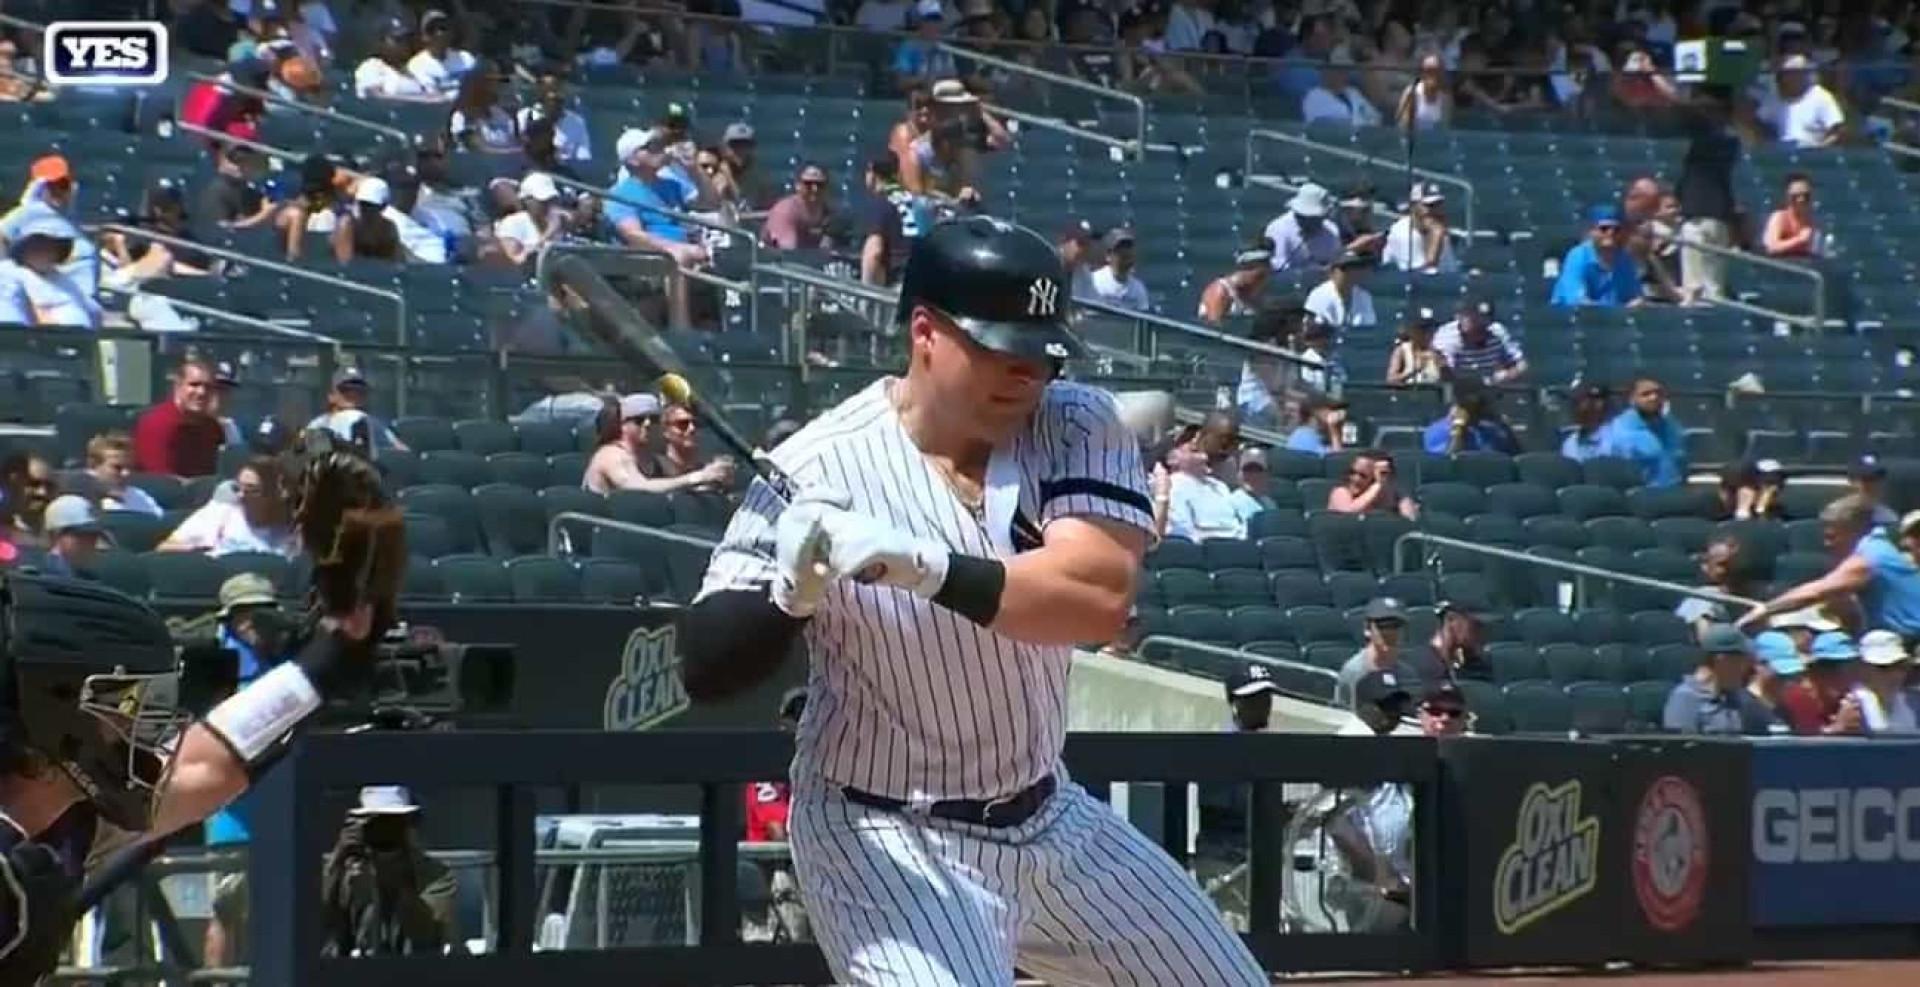 Arrepiante: Jogador de basebol recebe bolada a 157km/h na cara